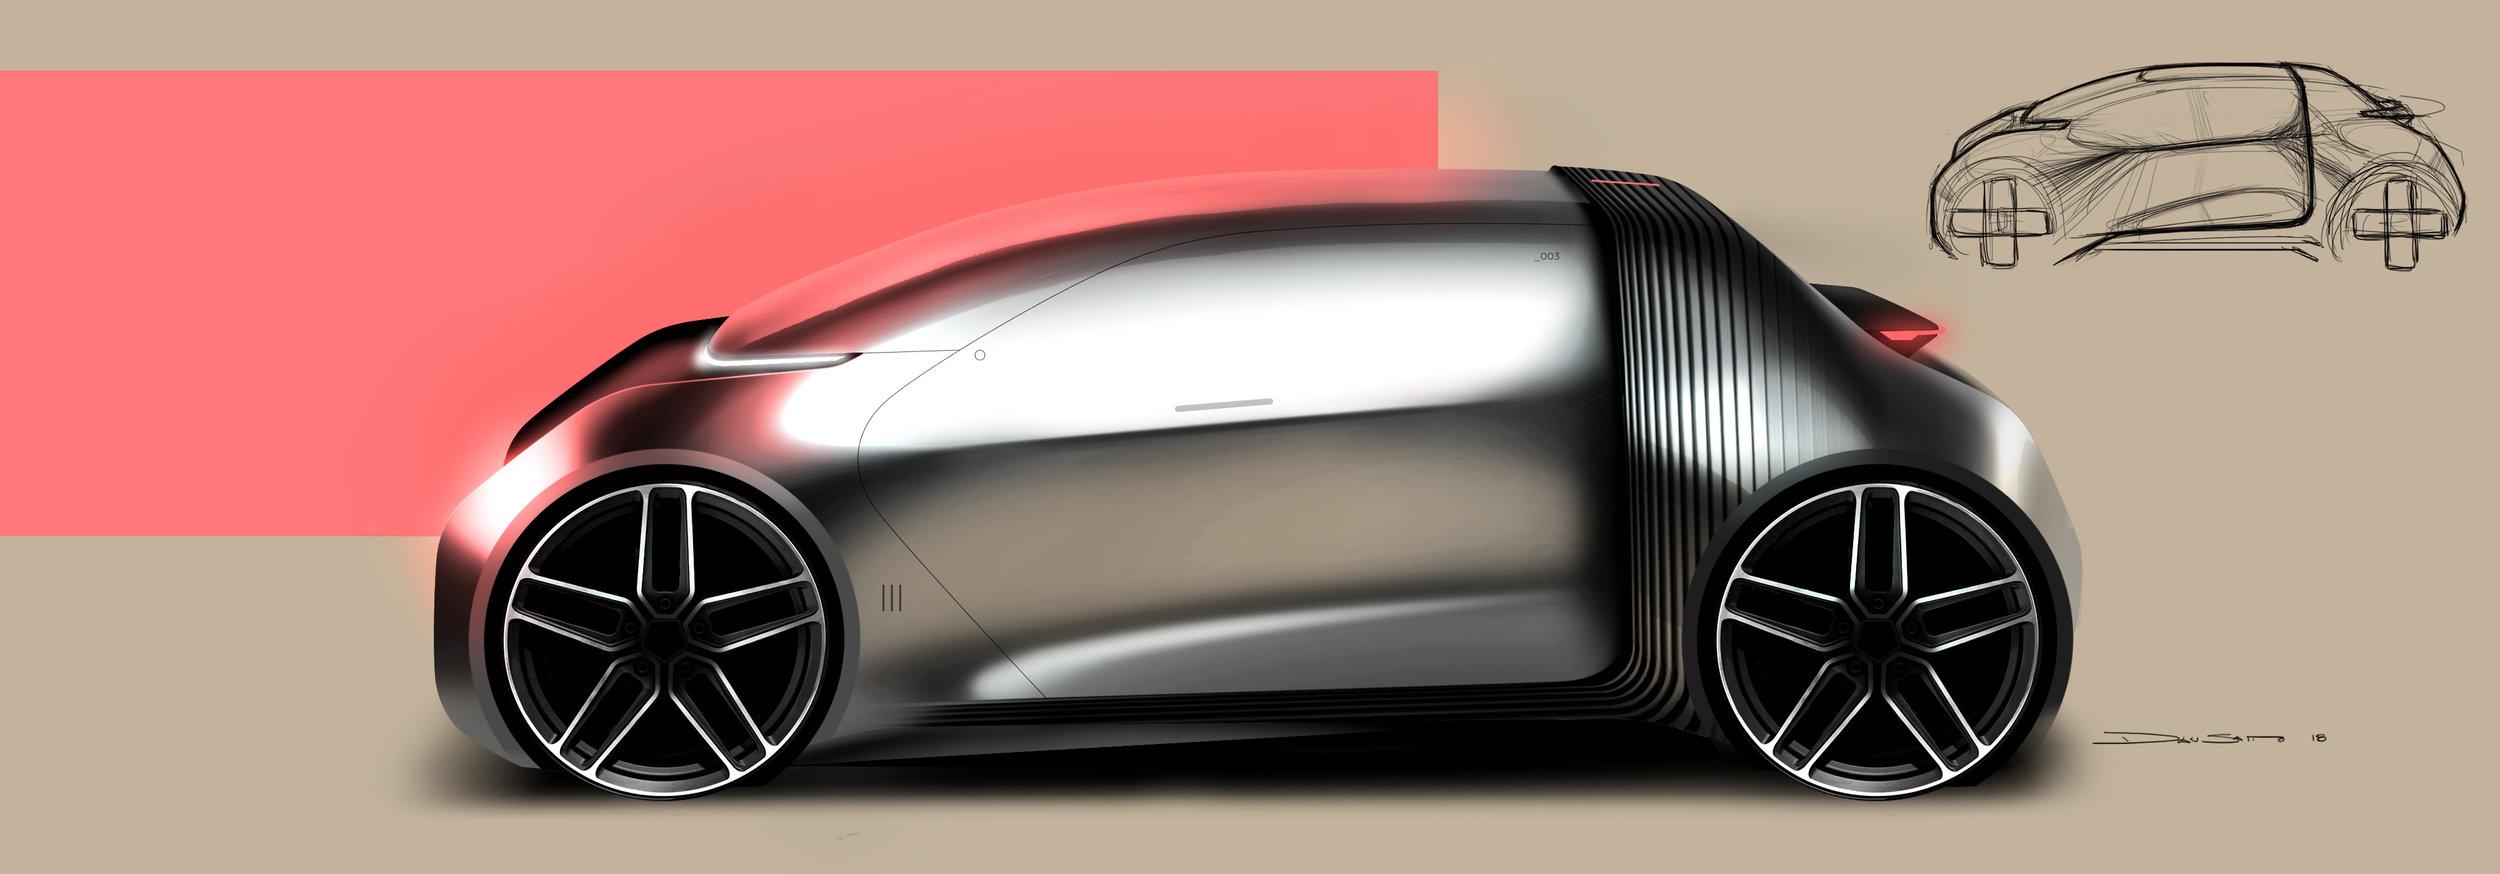 car_003.jpg